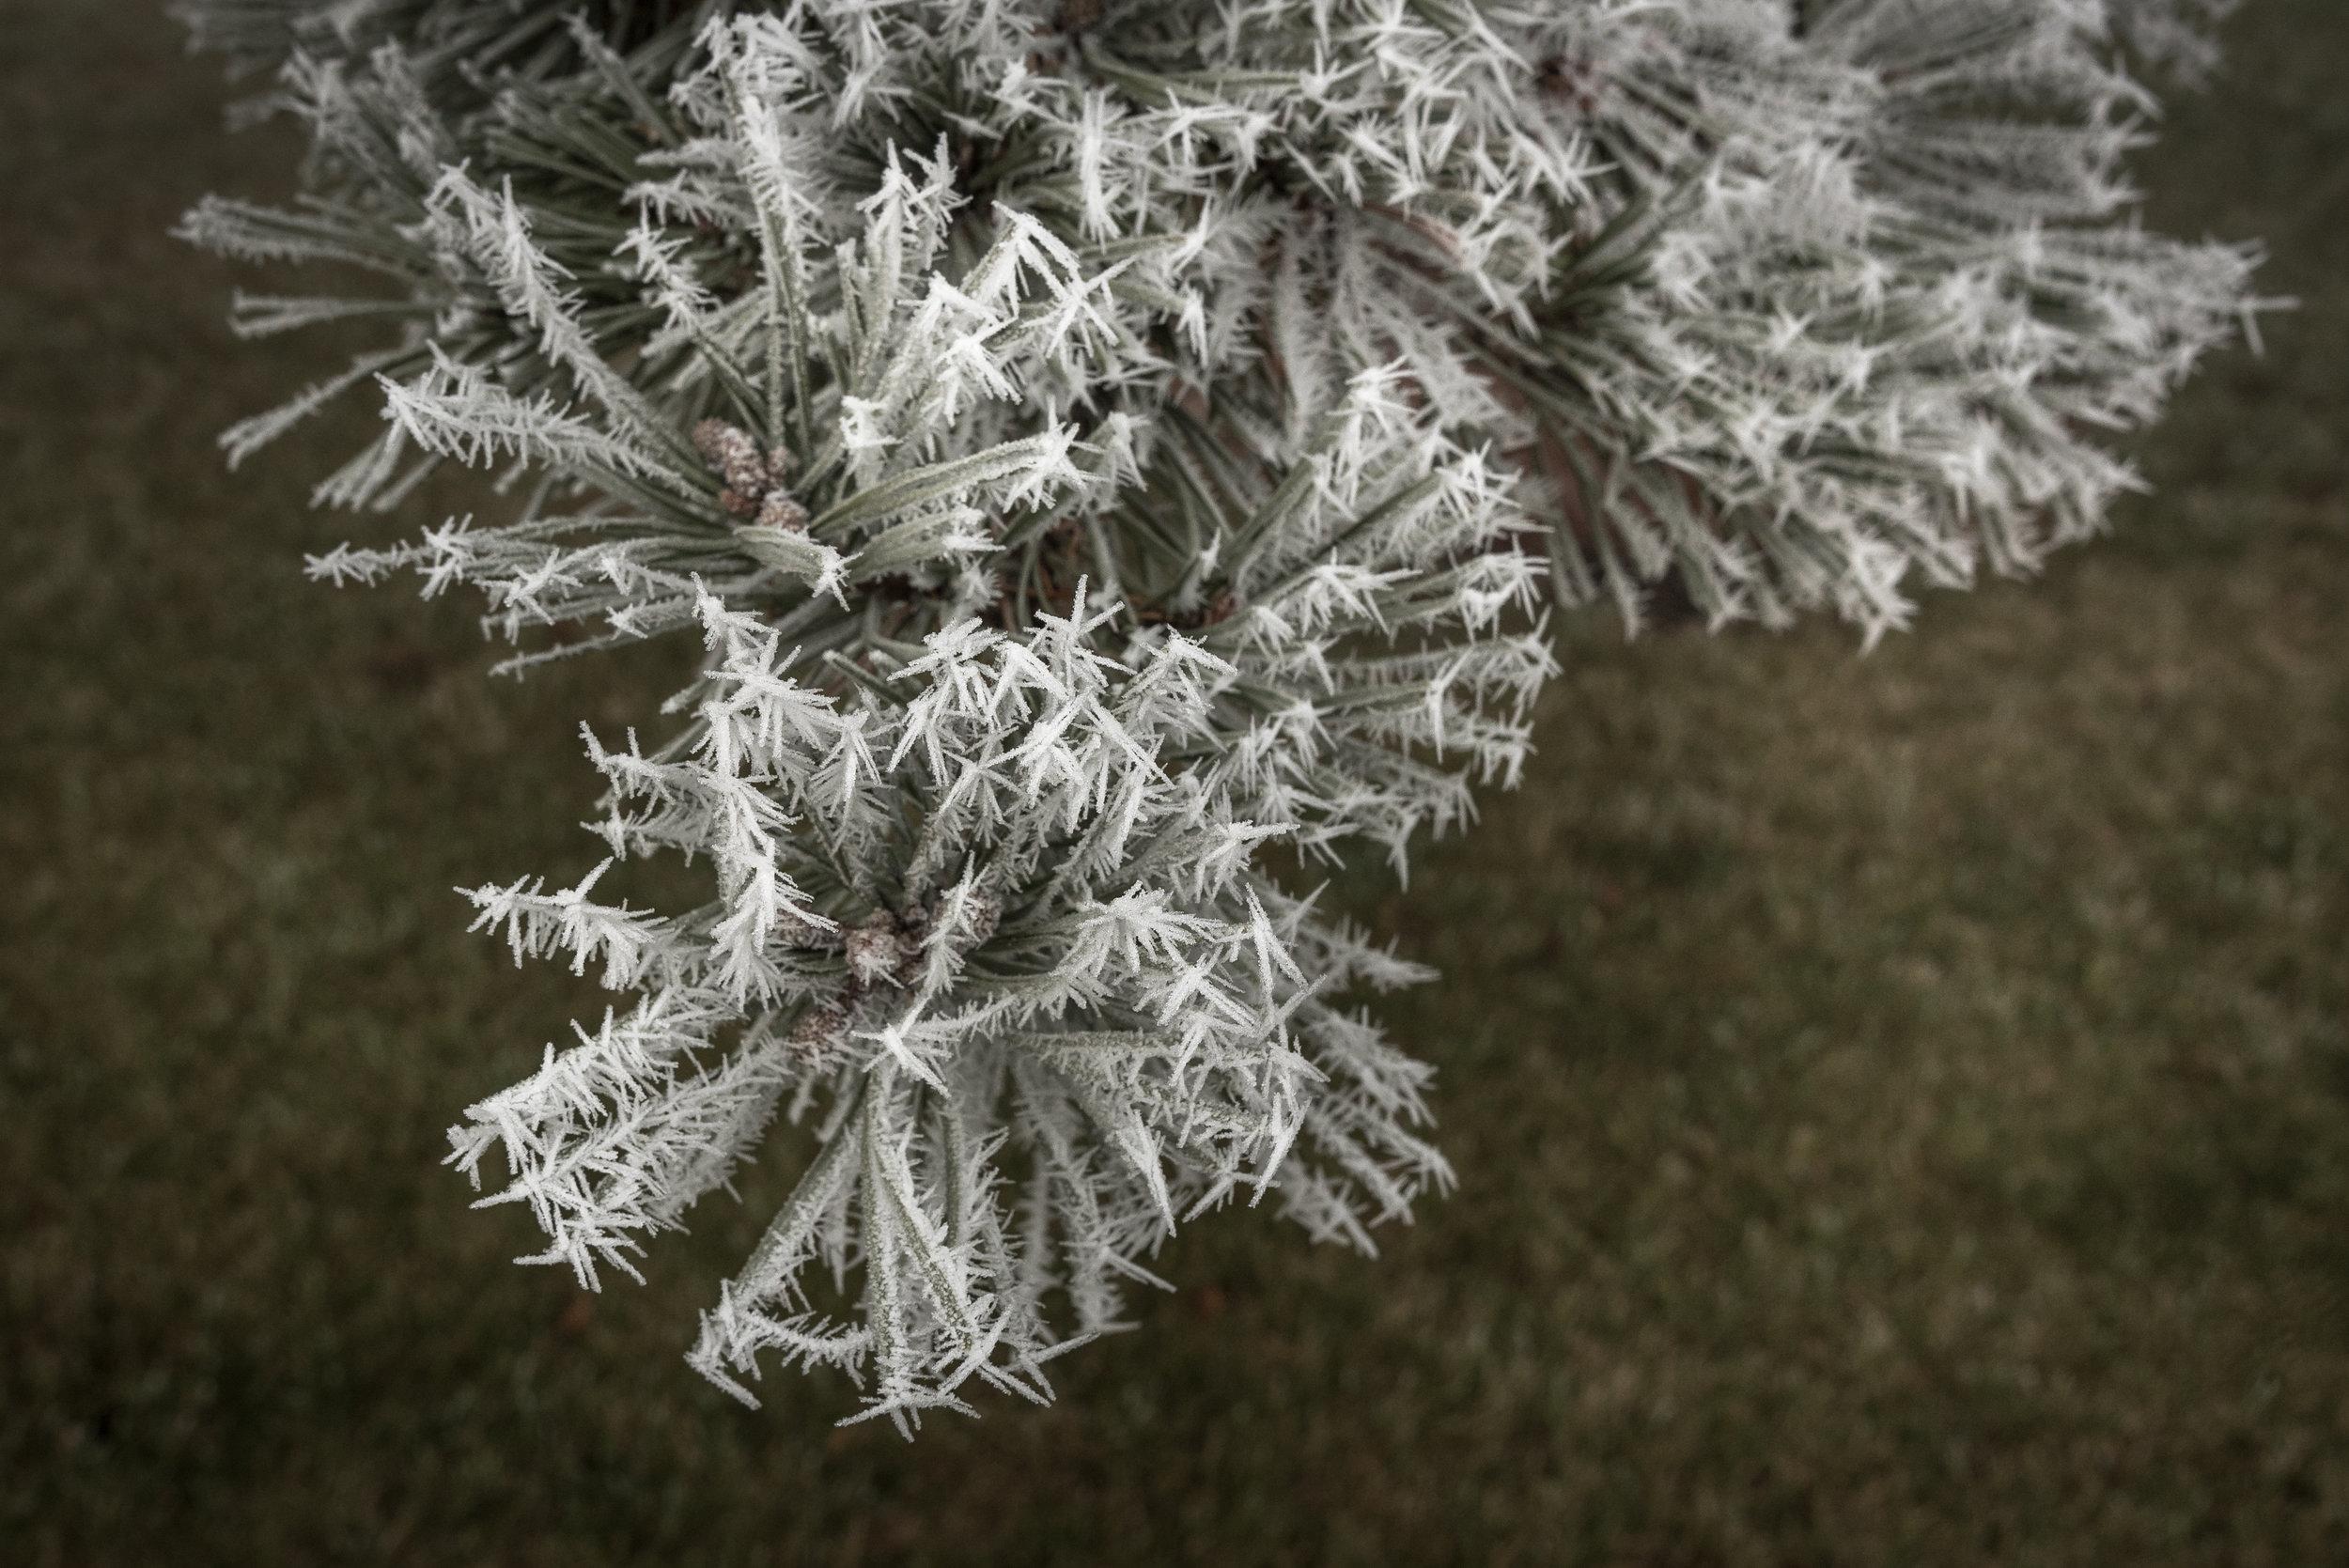 Frost-7509456.jpg